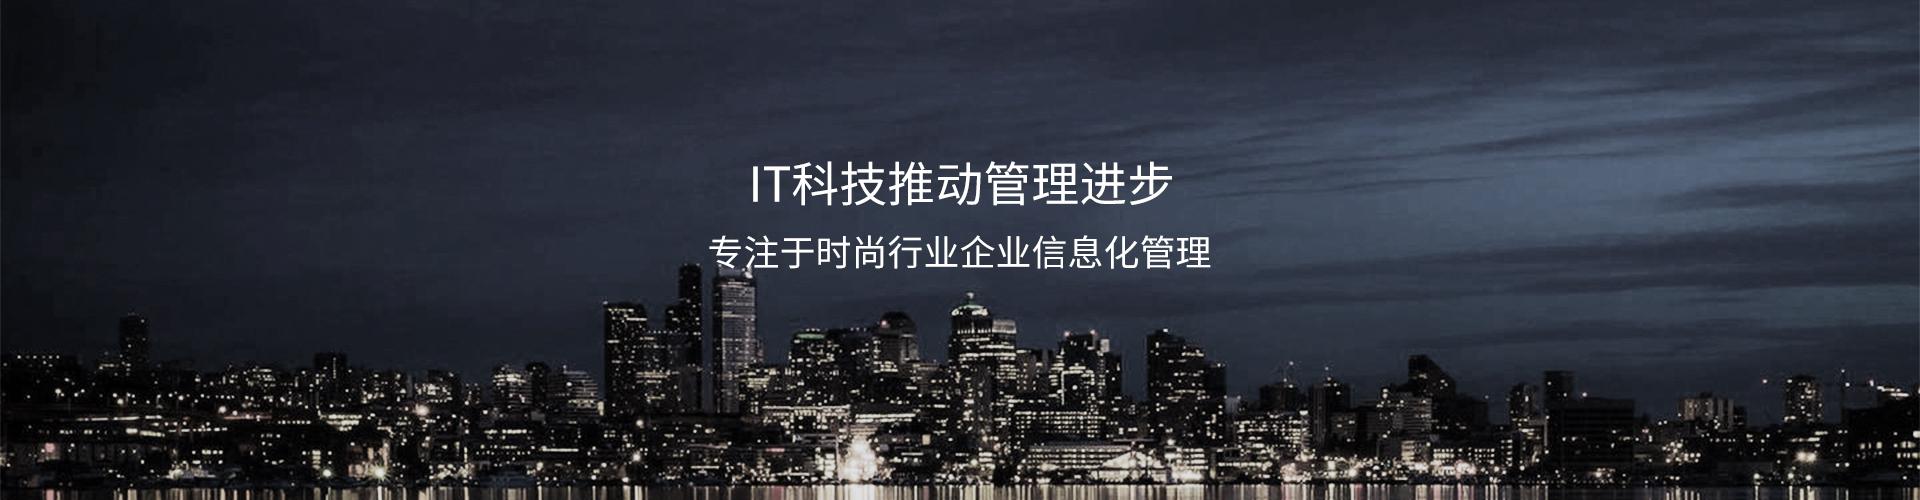 子banner-關于我們2